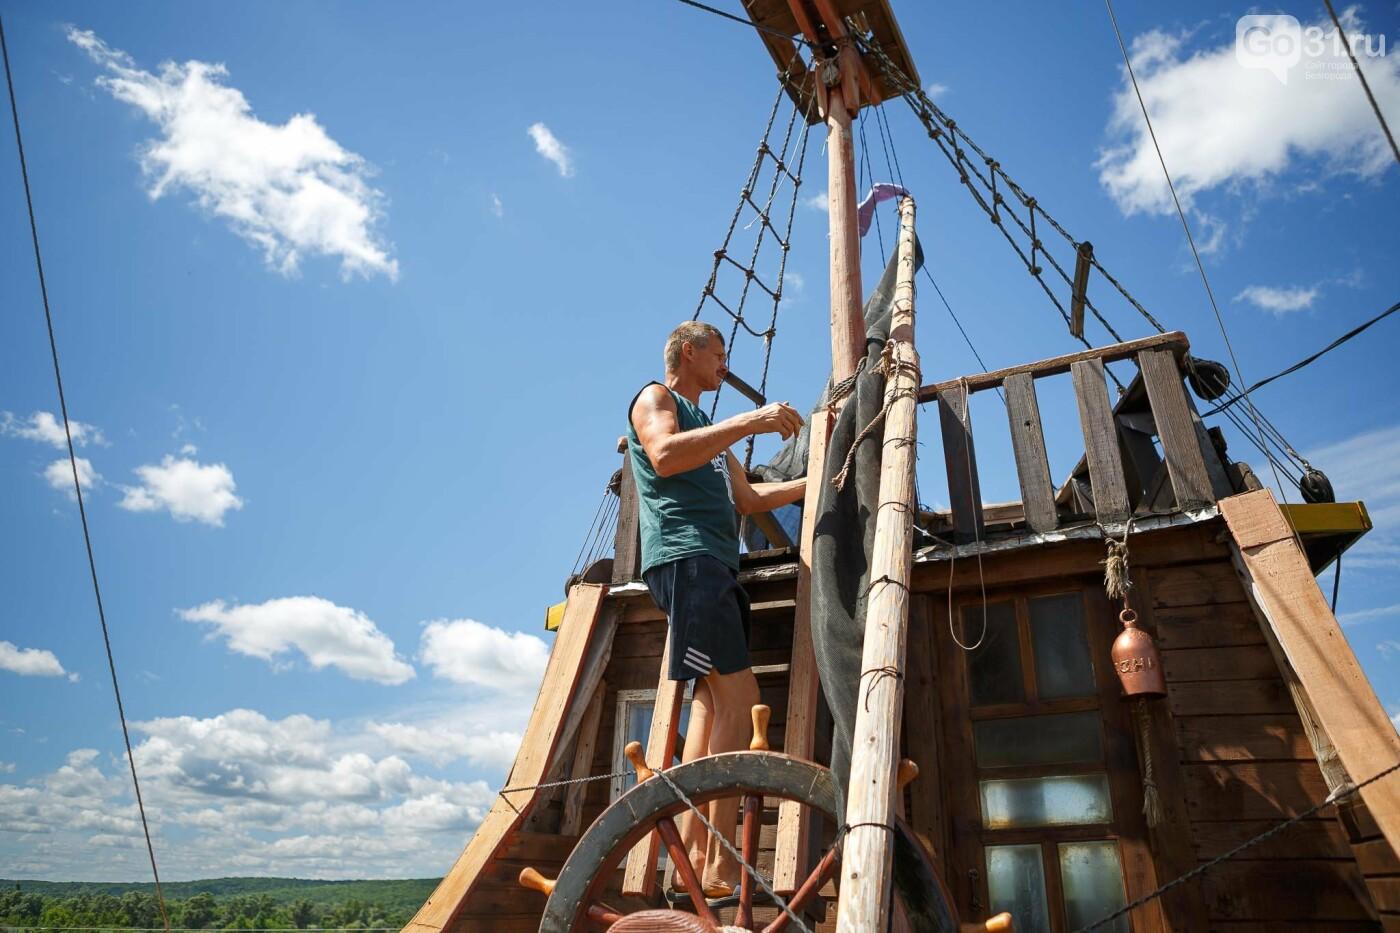 Корабль из гаража. Как создавался пиратский галеон в Купино, фото-8, Фото: Антон Вергун